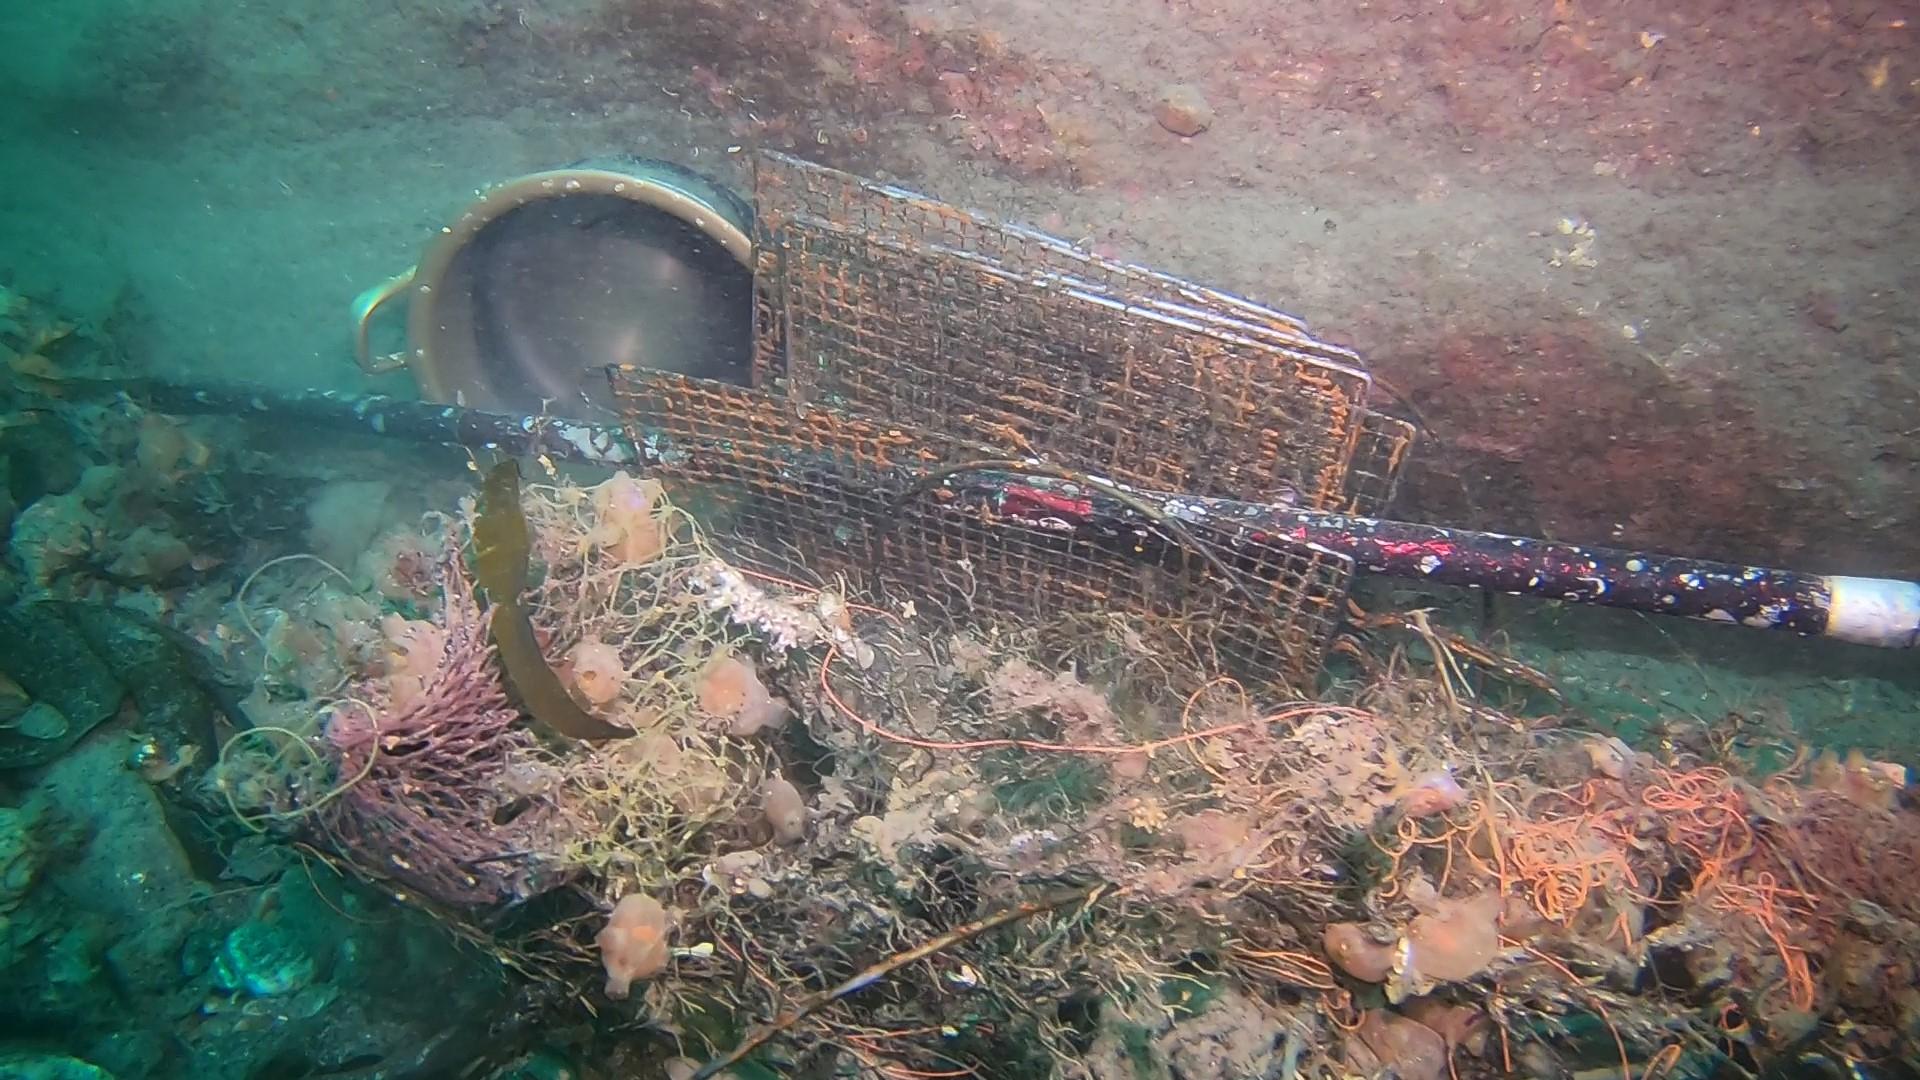 제주 차귀도 바닷속에서 발견한 쓰레기들. 사진을 클릭하면 더 많은 사진을 볼 수 있습니다. [사진 문섬 47회]